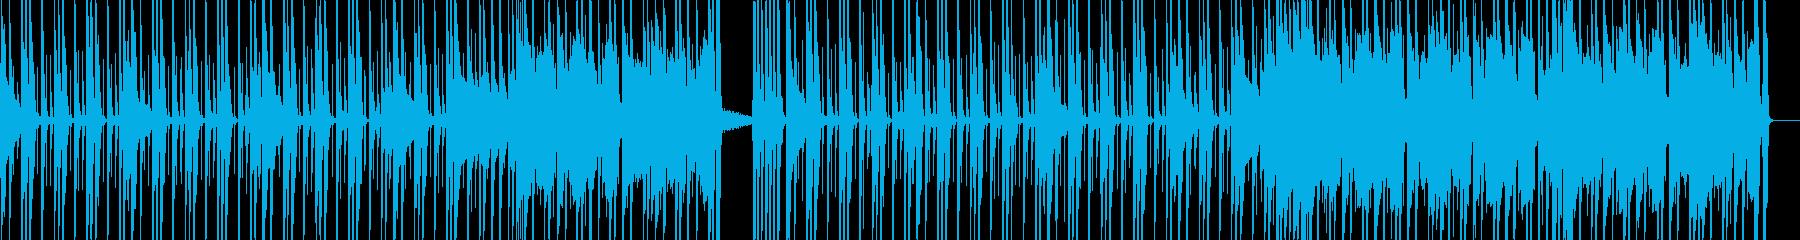 ベースと手拍子が印象的、アクティブな曲の再生済みの波形